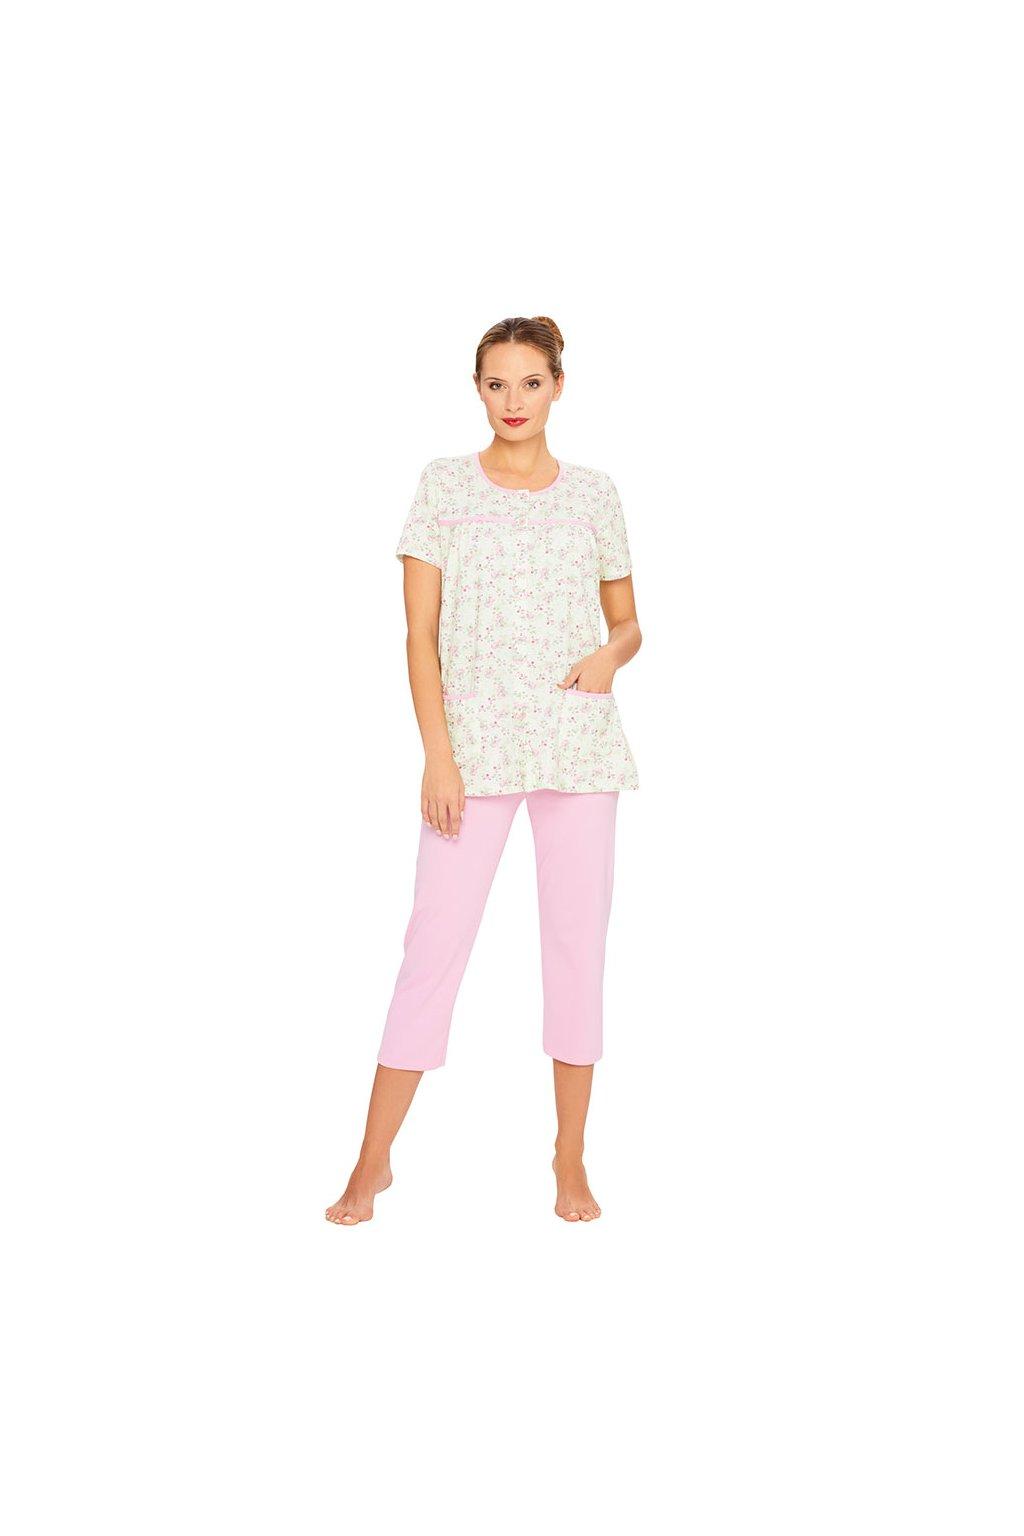 Dámské pyžamo s krátkým rukávem a 3/4 nohavicemi, 104371 853, růžová